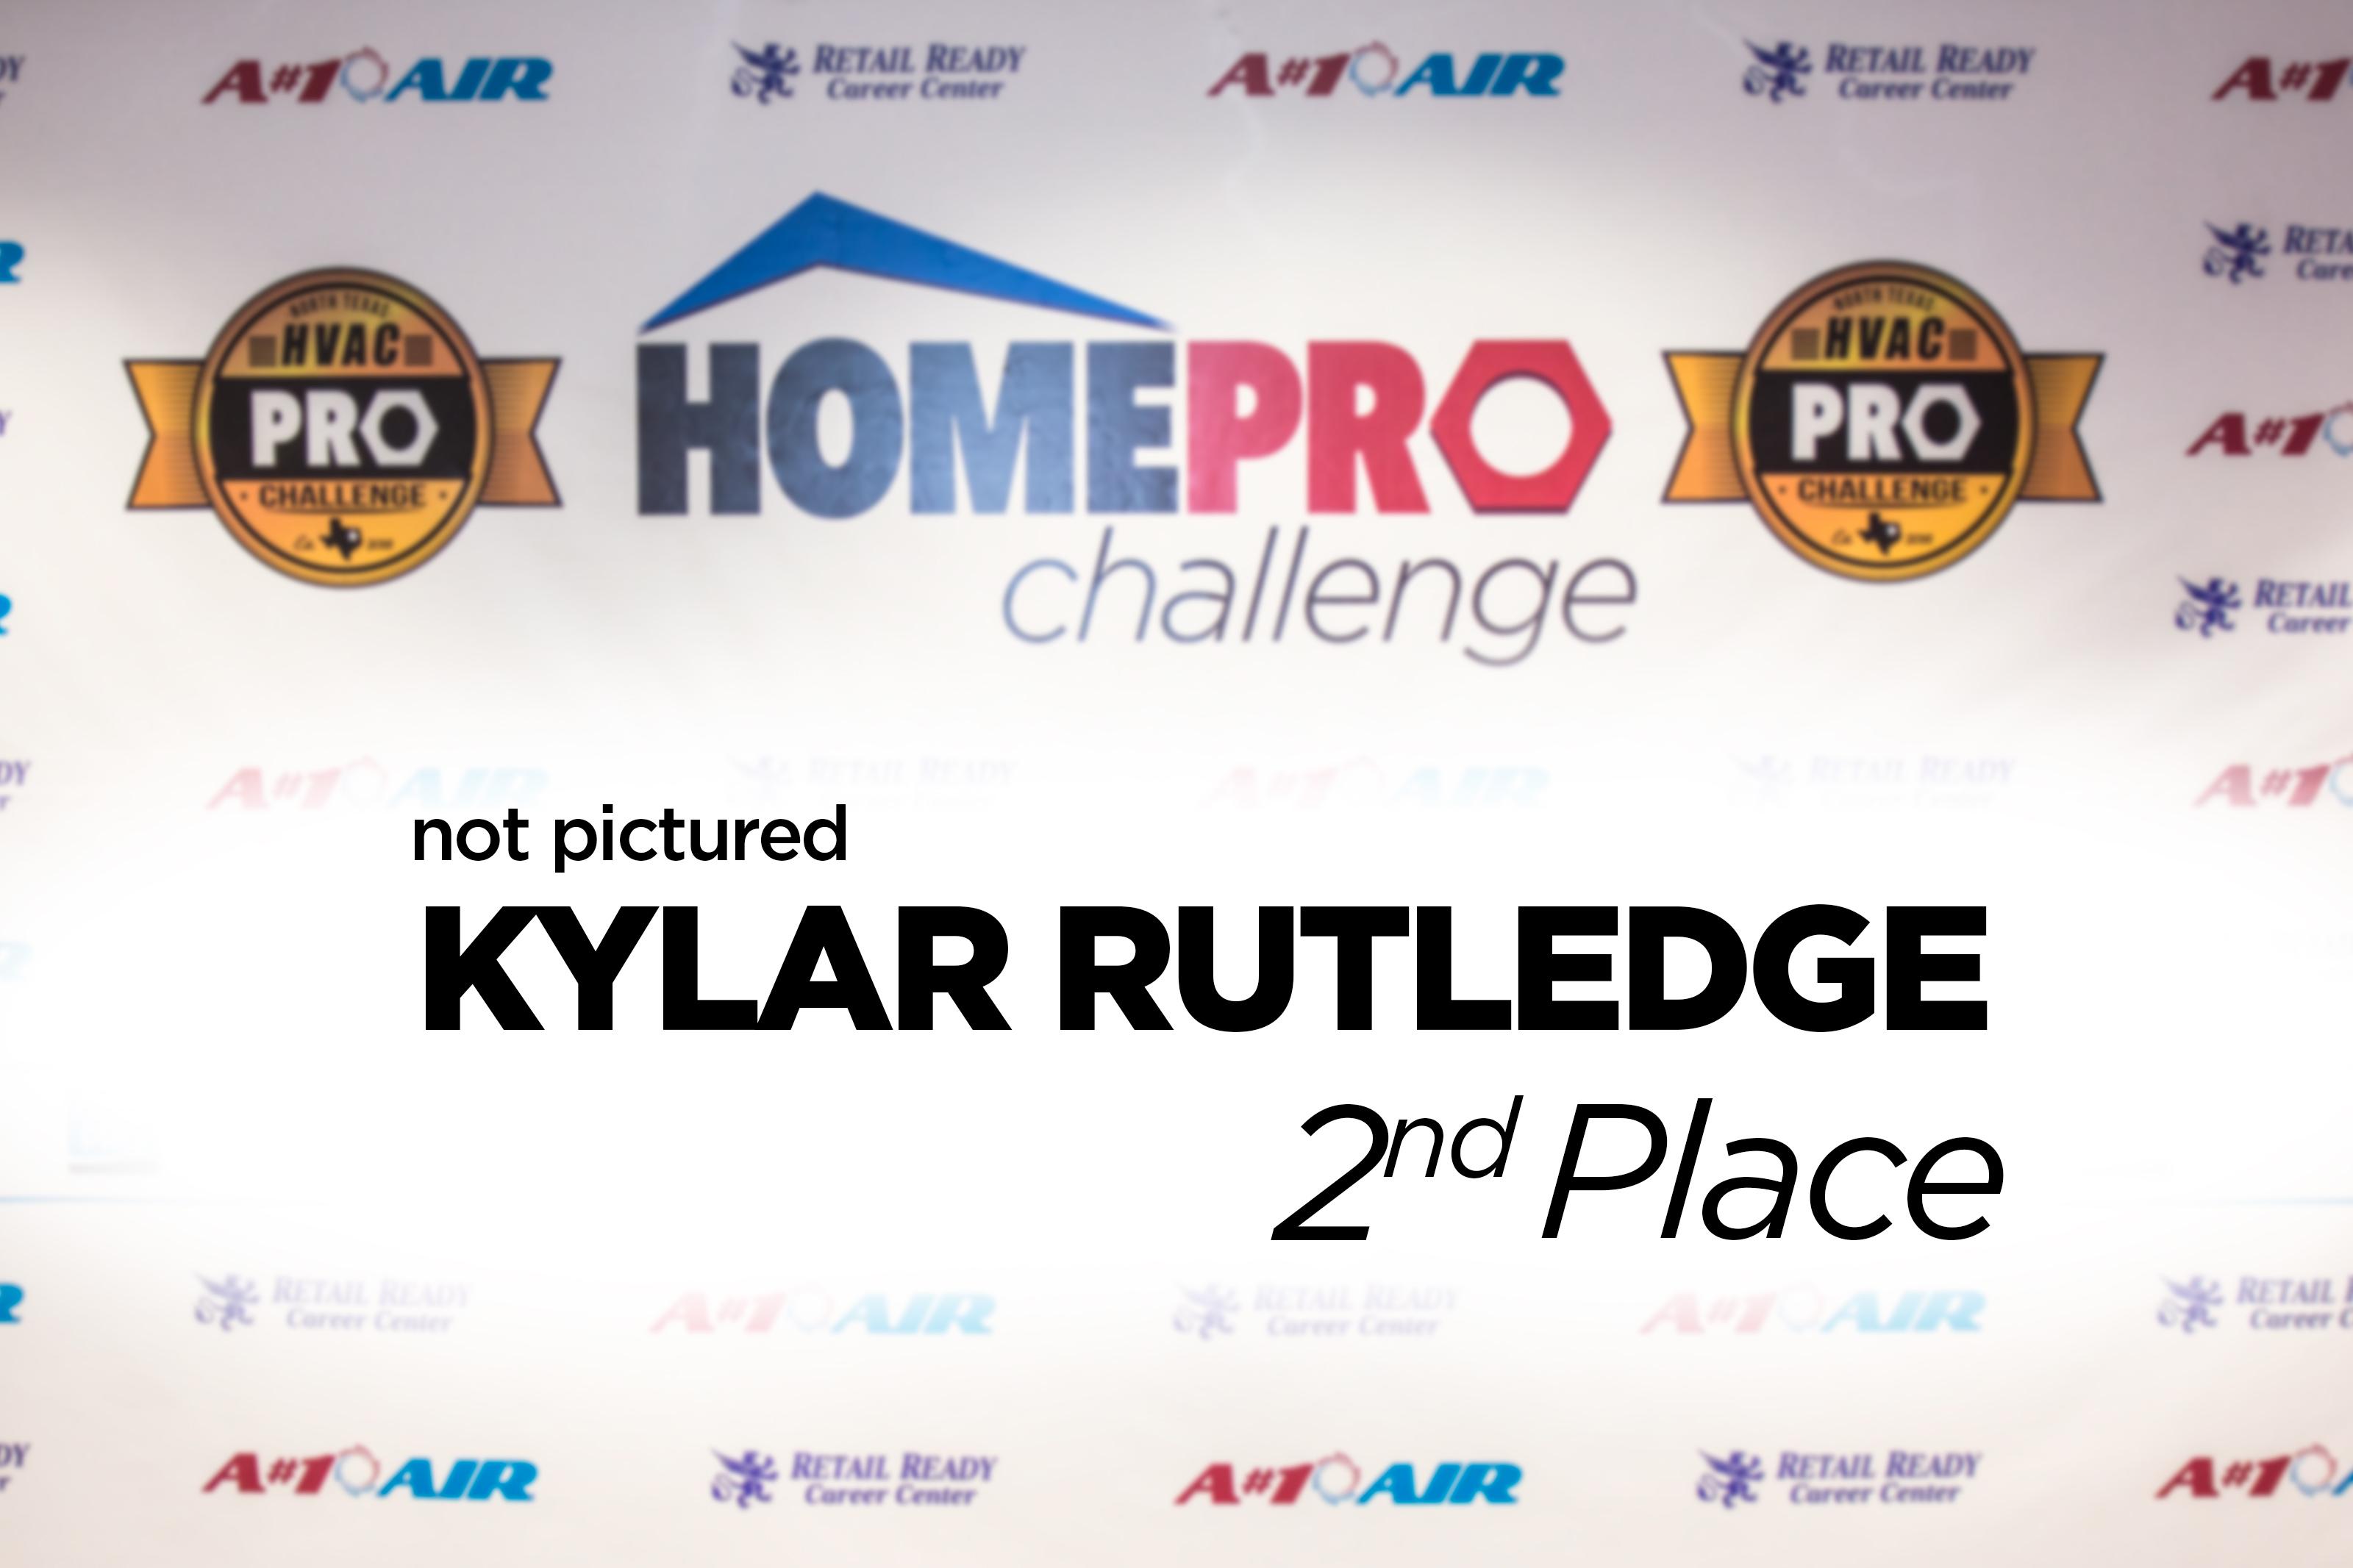 2nd - Kylar Rutledge - Tom's Mechanical - Home Pro Challenge Over 2